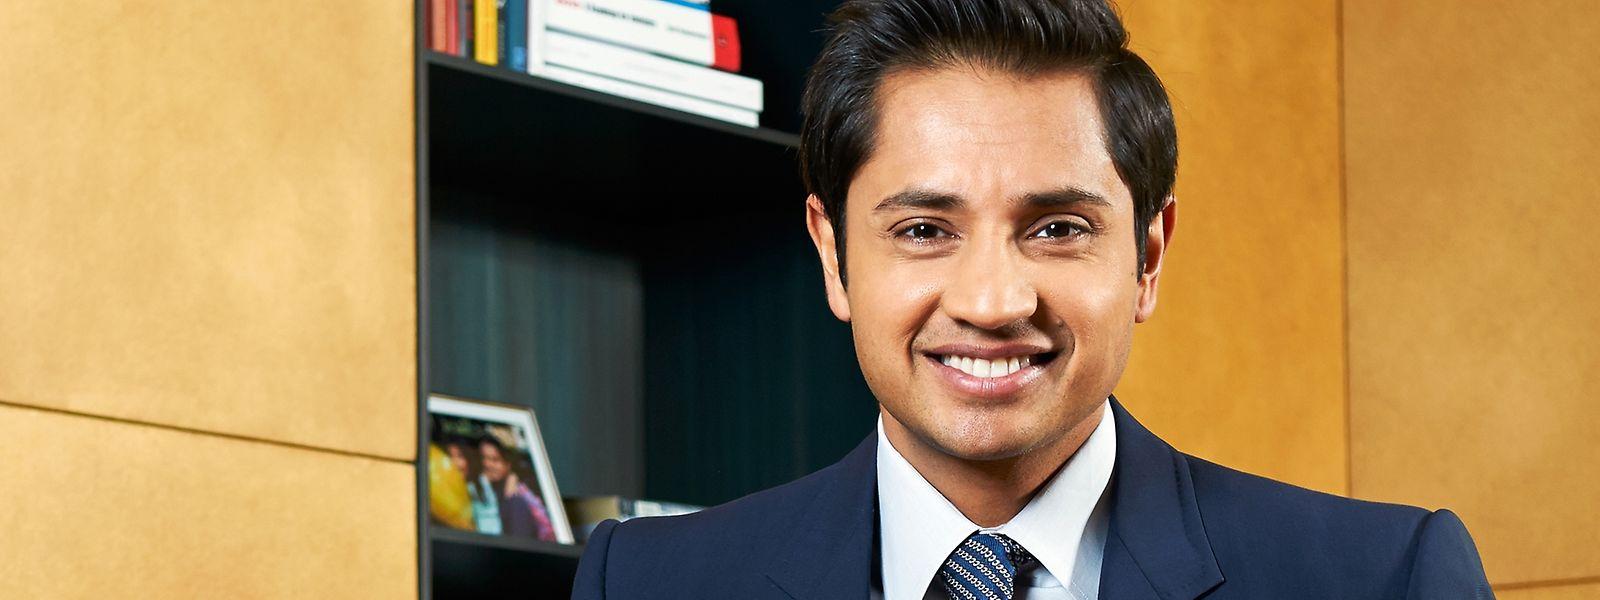 Lundi, le fils de Lakshmi Mittal est devenu le numéro 2 du géant de l'acier